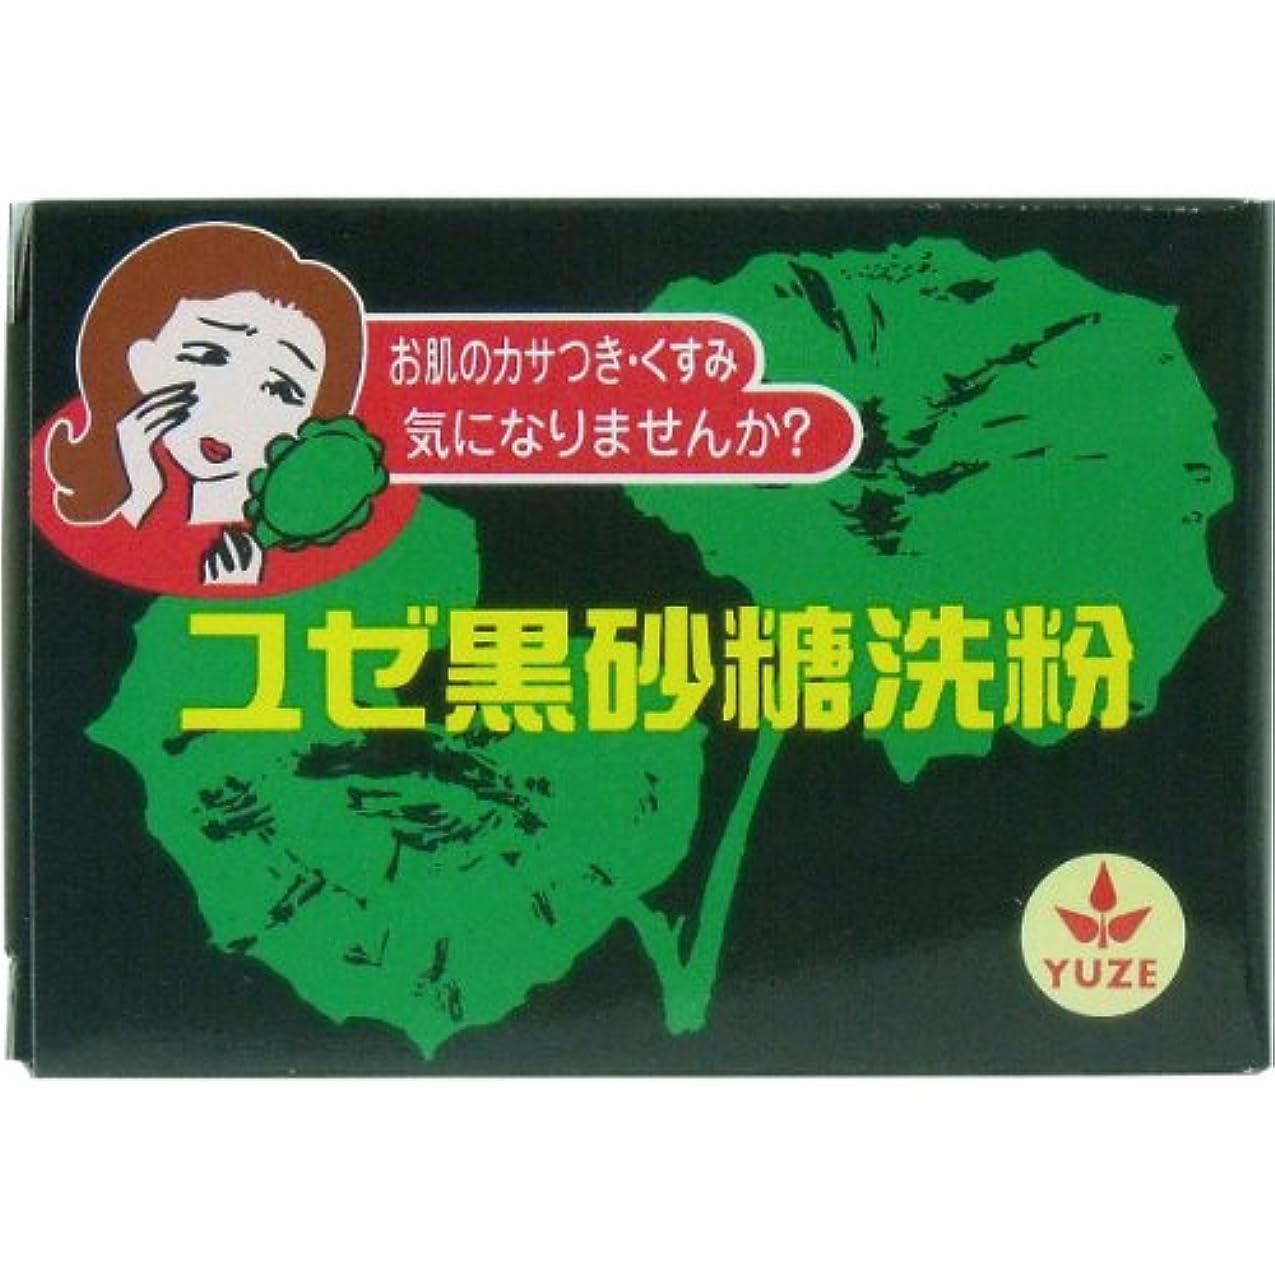 ダイエットゲスト【まとめ買い】ユゼ 黒砂糖洗粉 75g ×2セット